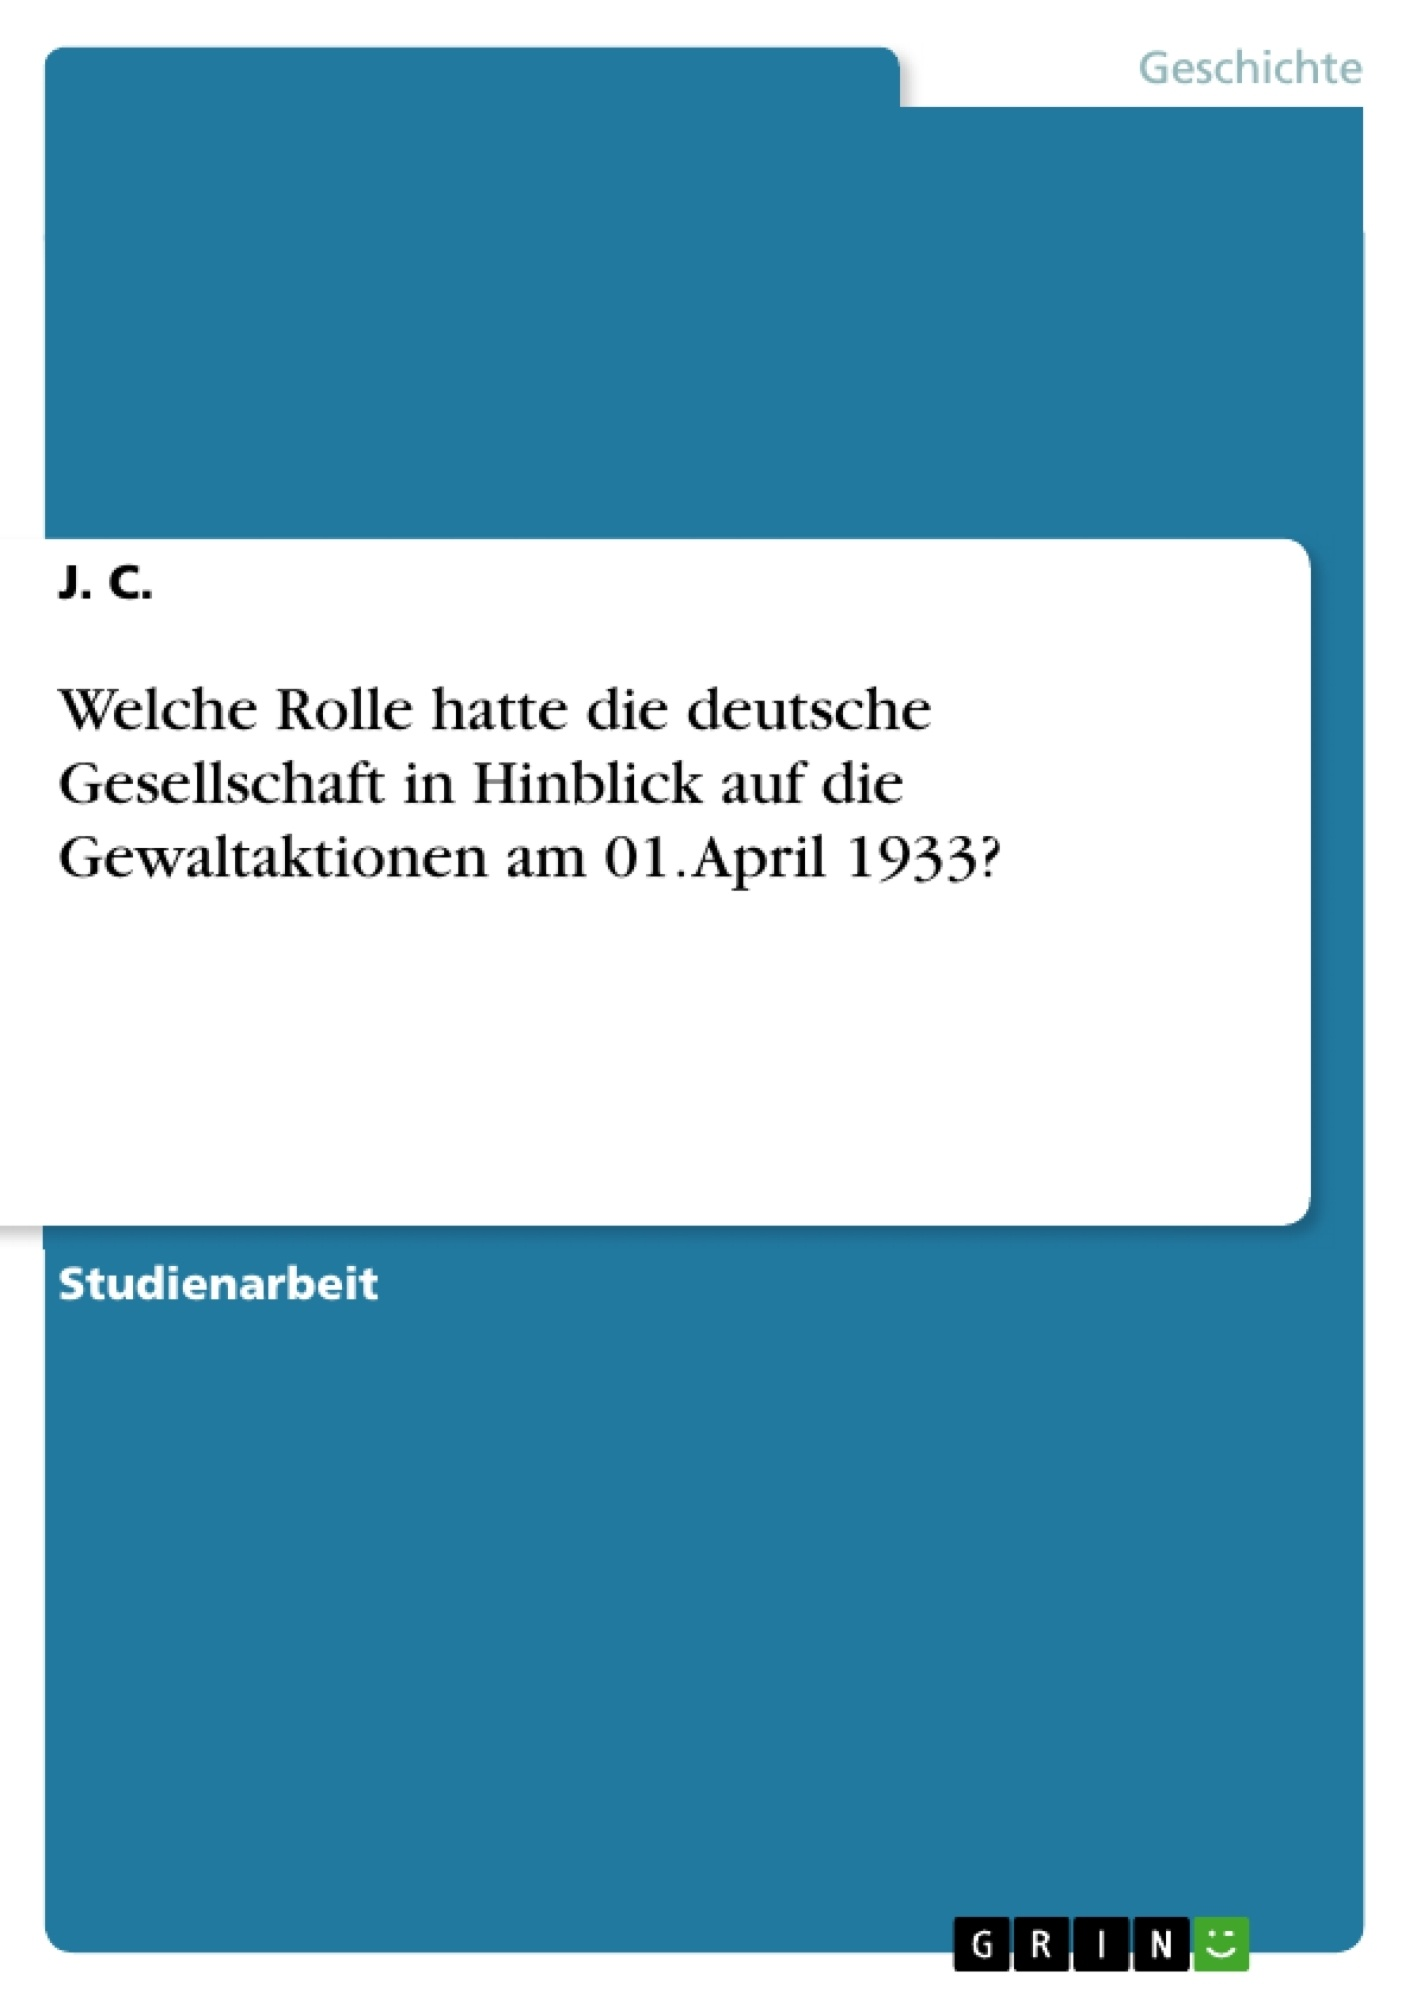 Titel: Welche Rolle hatte die deutsche Gesellschaft in Hinblick auf die Gewaltaktionen am 01. April 1933?